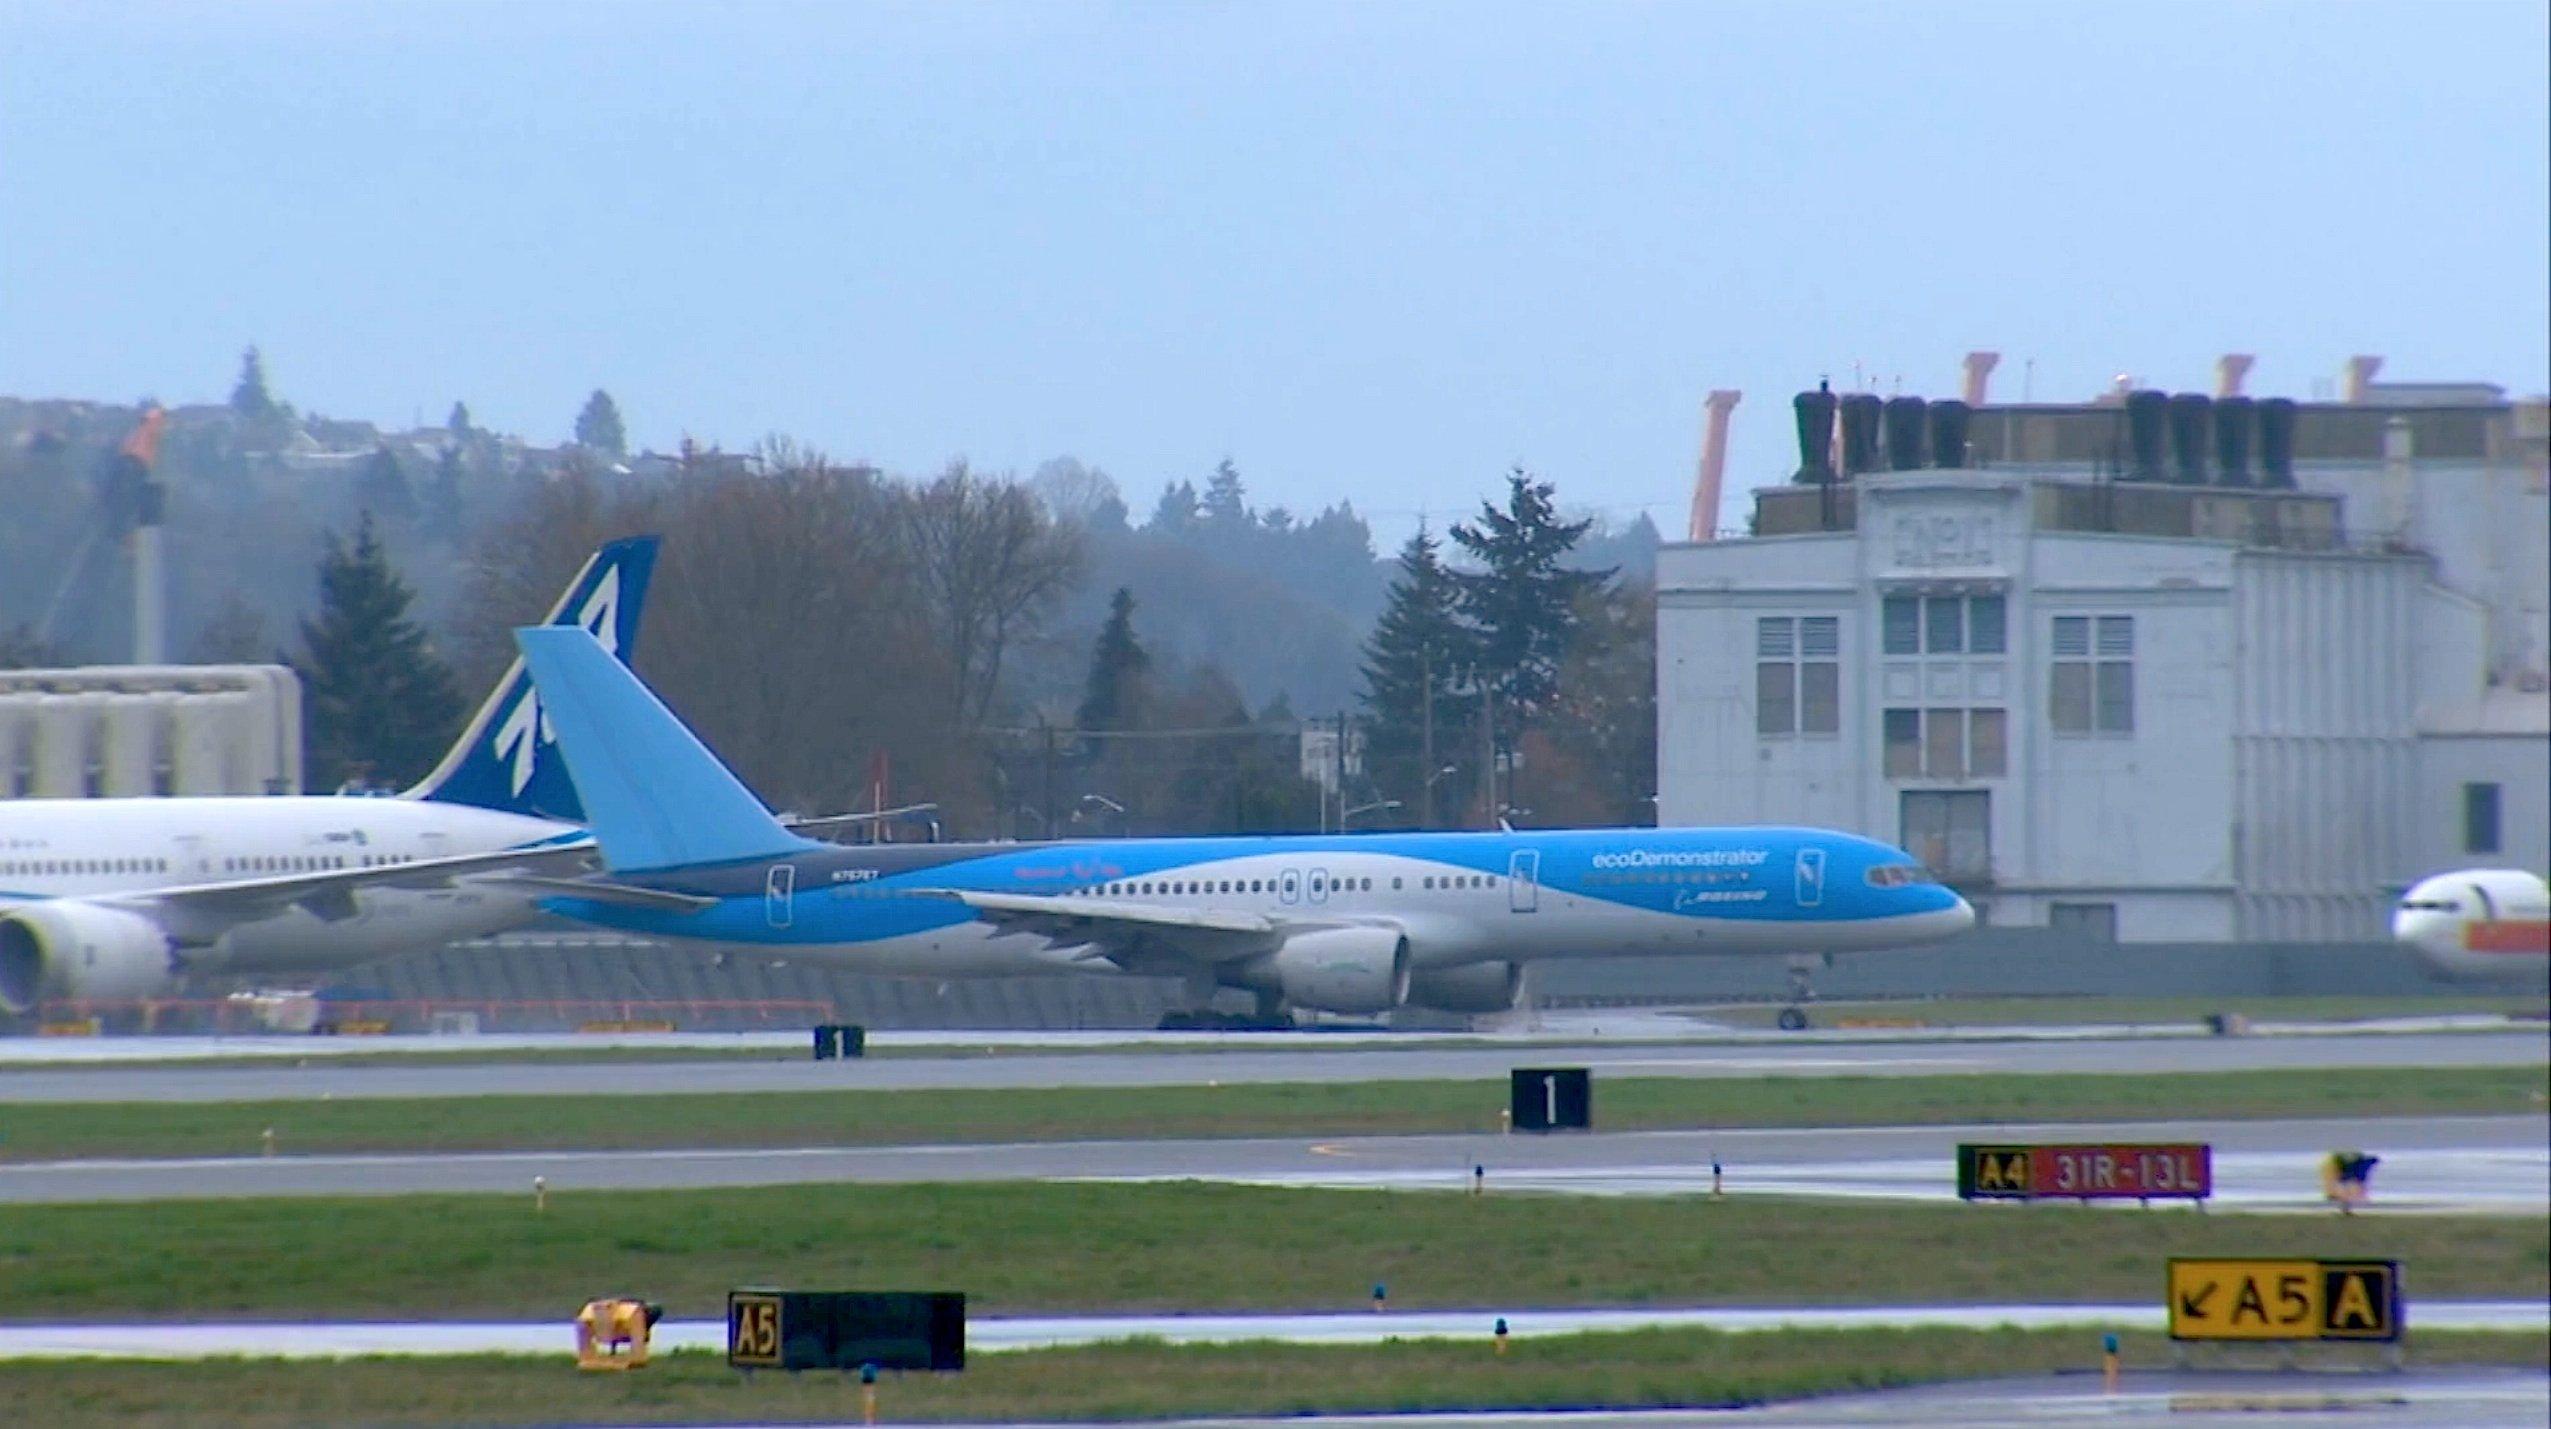 Start der ecoDemonstrator 757 in Seattle: Die TUI-Maschine wurde mit elektronischen Fenstern ausgerüstet, die aus der Temperaturdifferenz von bis zu 70 °C zwischen Außen und Innen Strom erzeugen sollen.